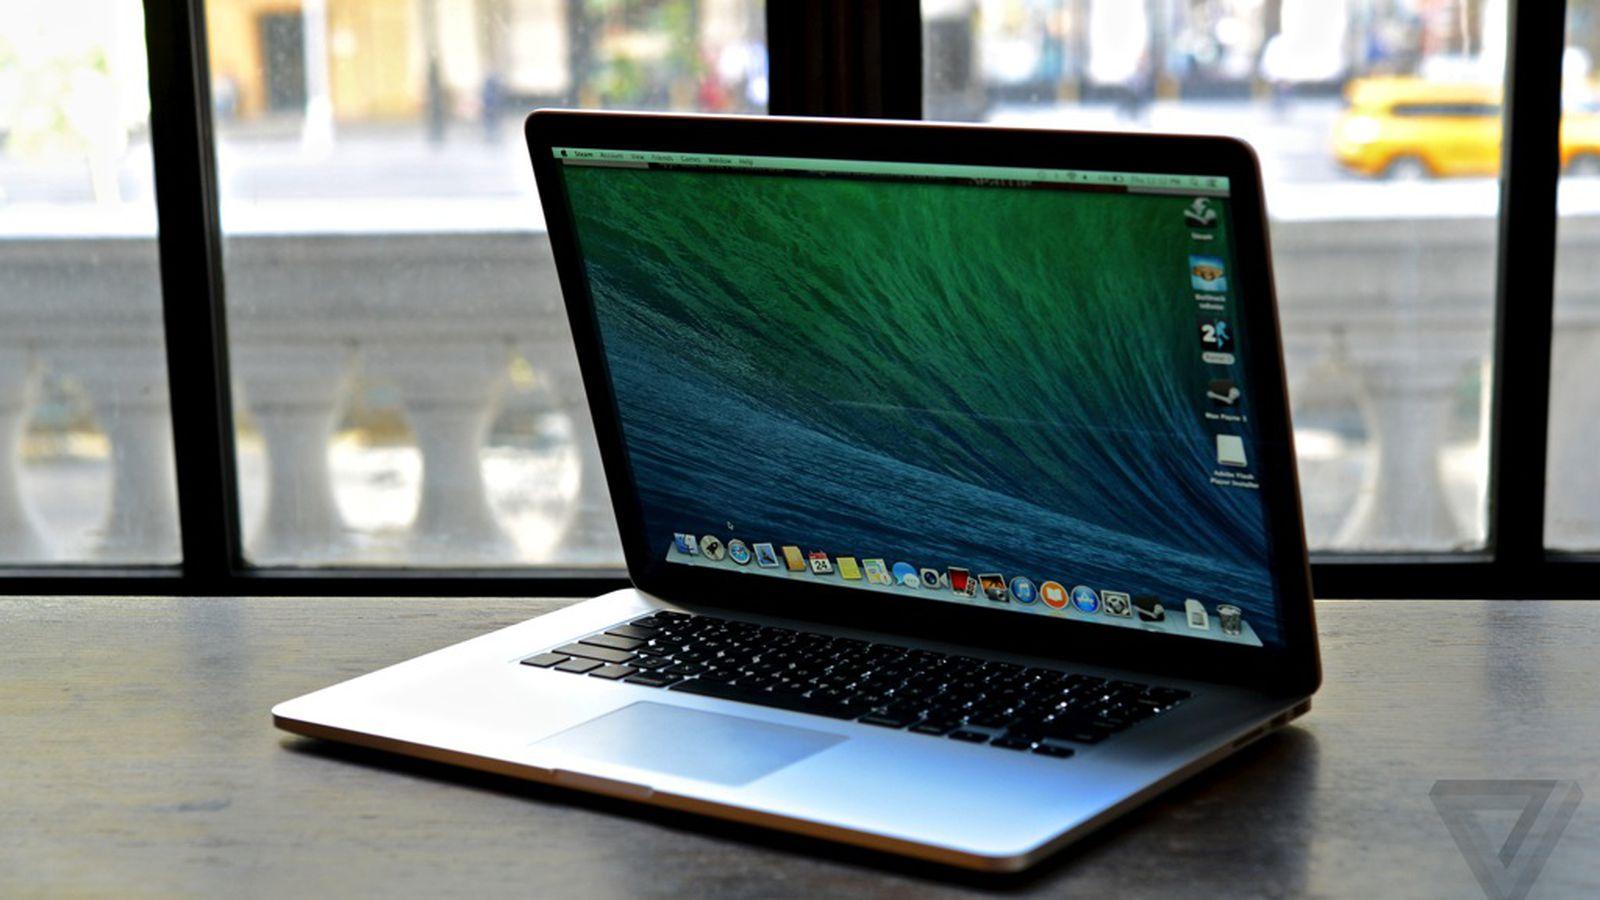 Best display for macbook pro 2013